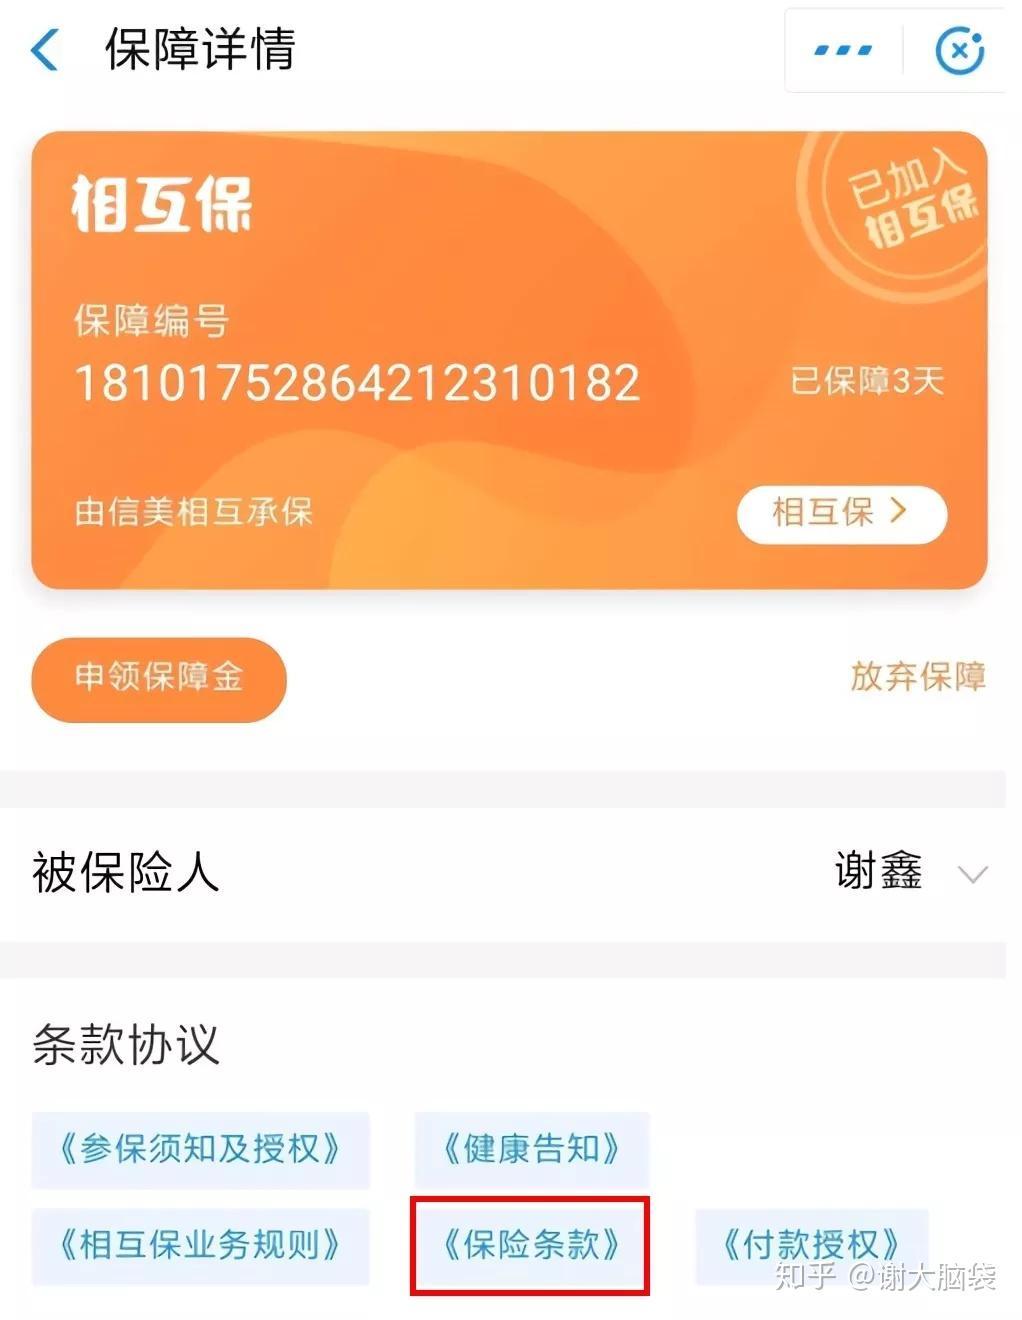 明亚四川(成都)分公司招聘保险经纪人 北京保险经纪人邢... 新浪博客